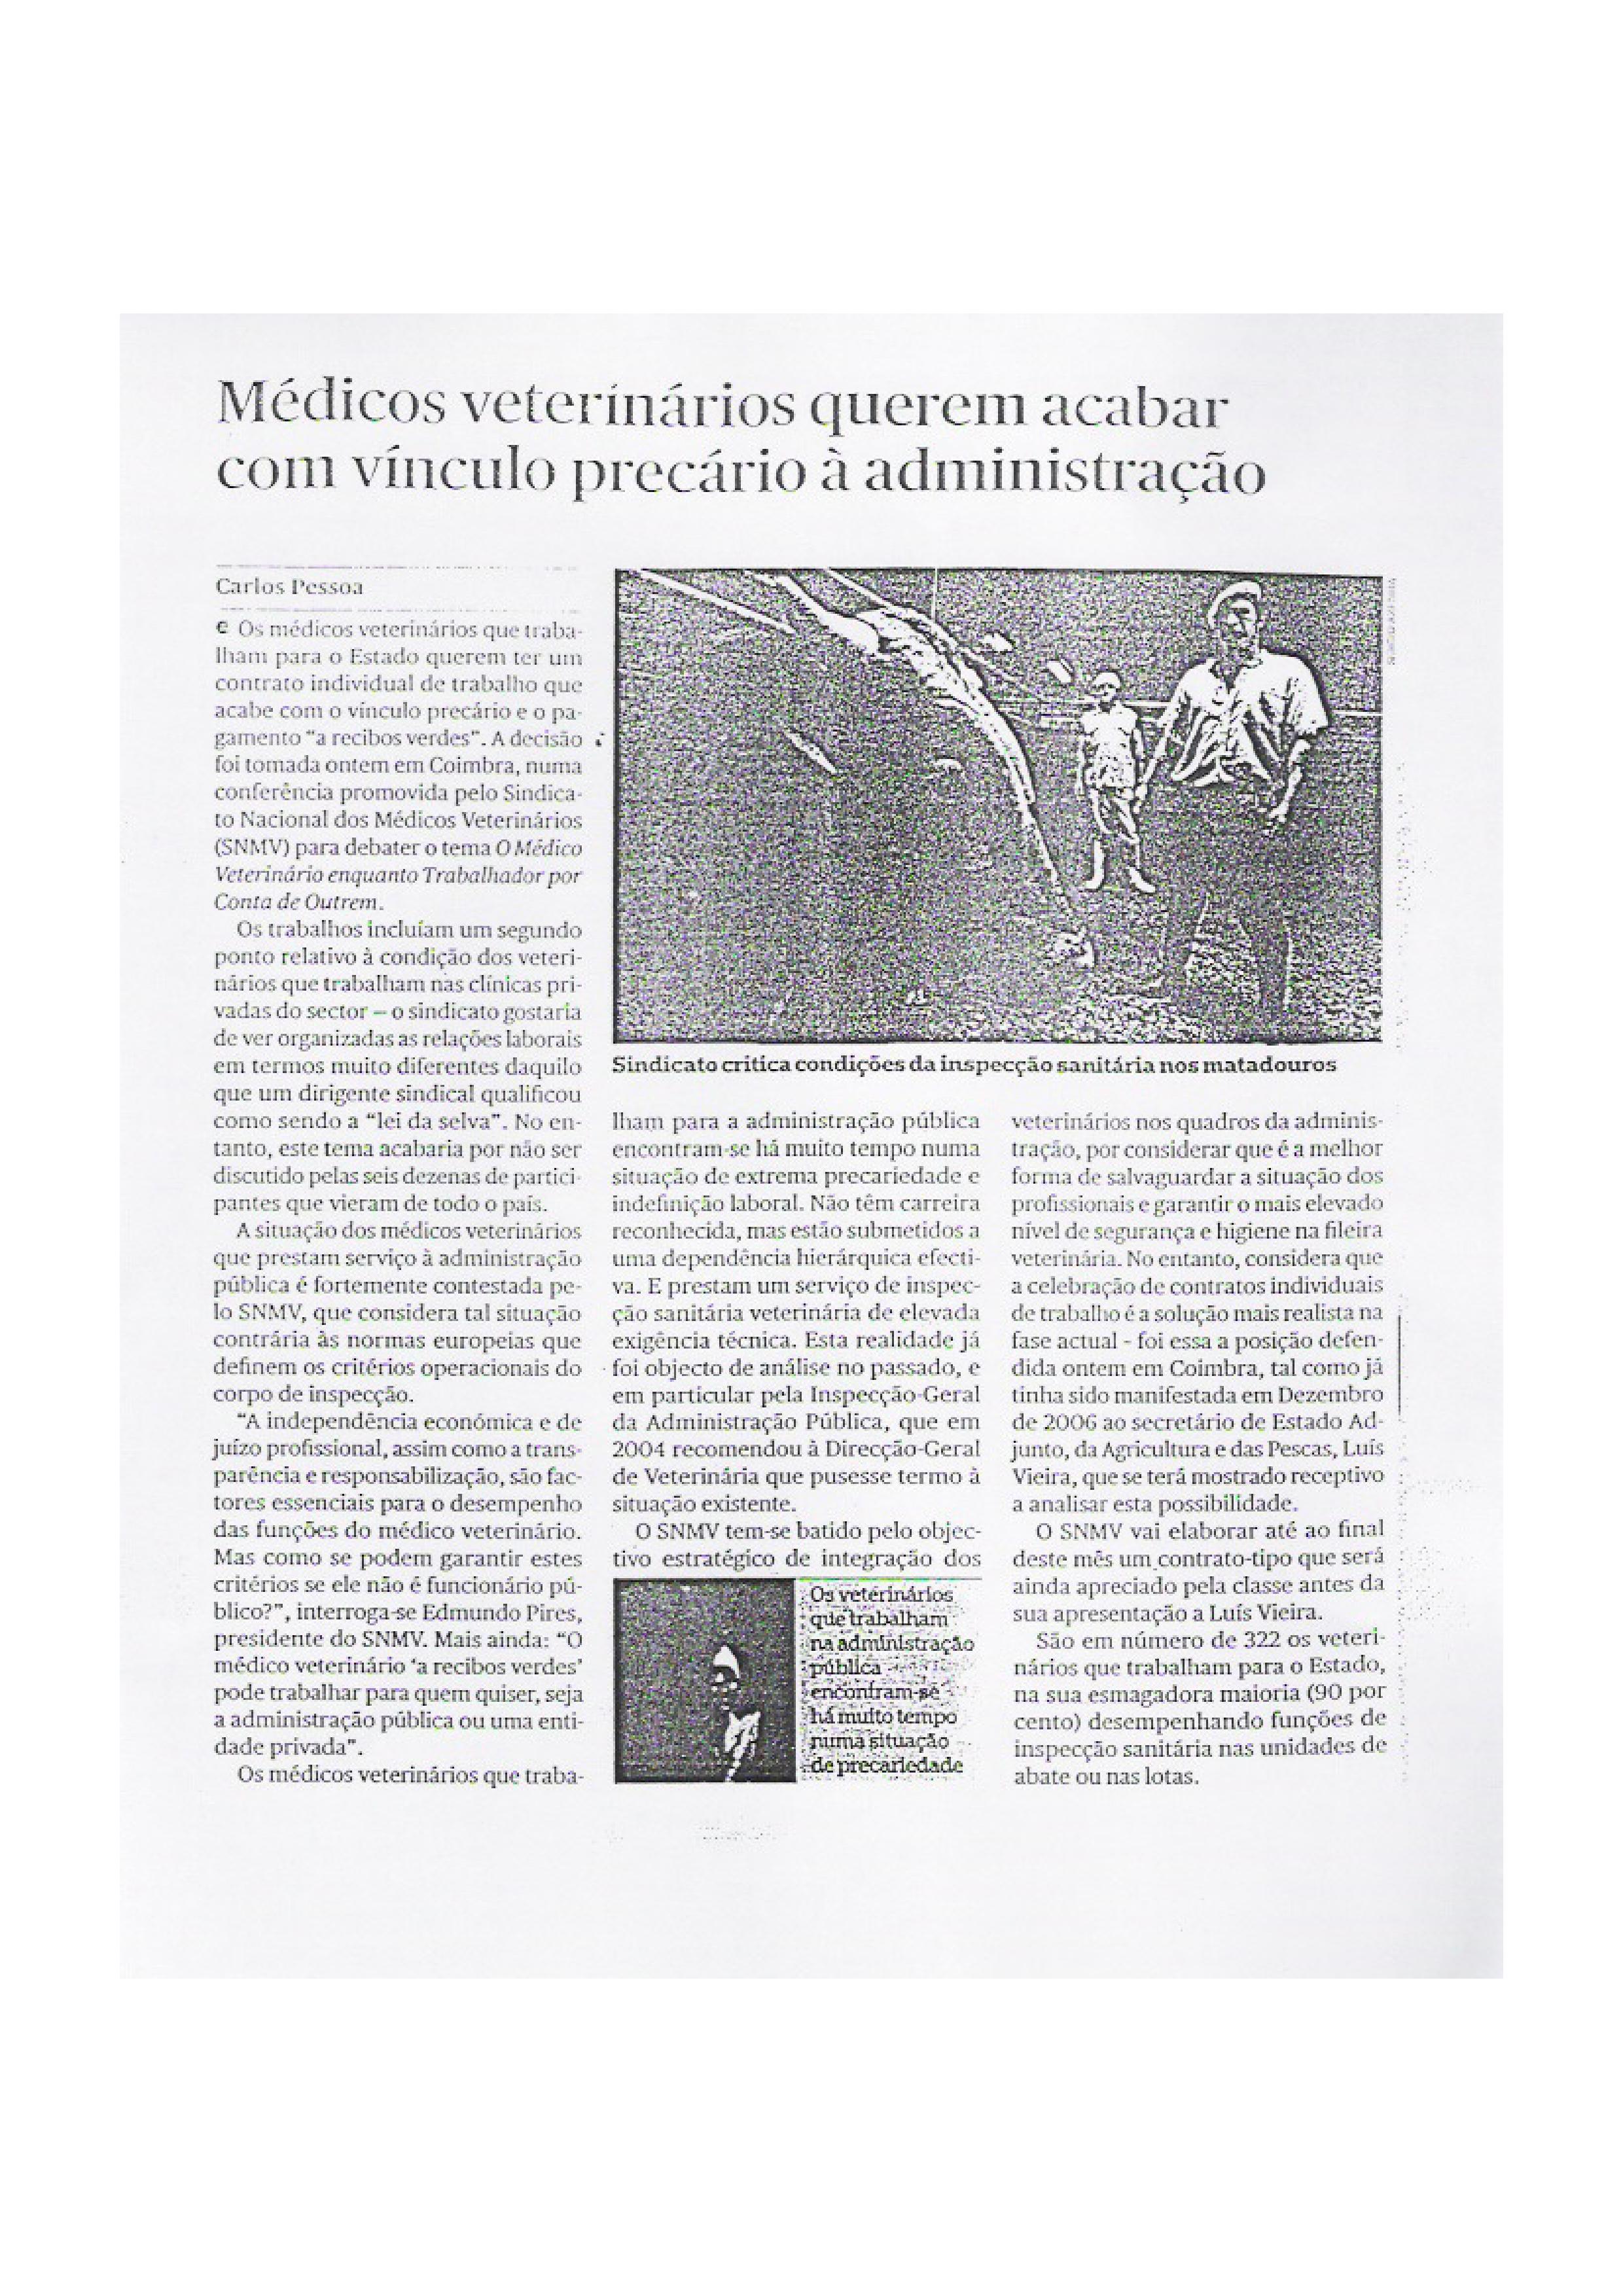 ArtigoPublico